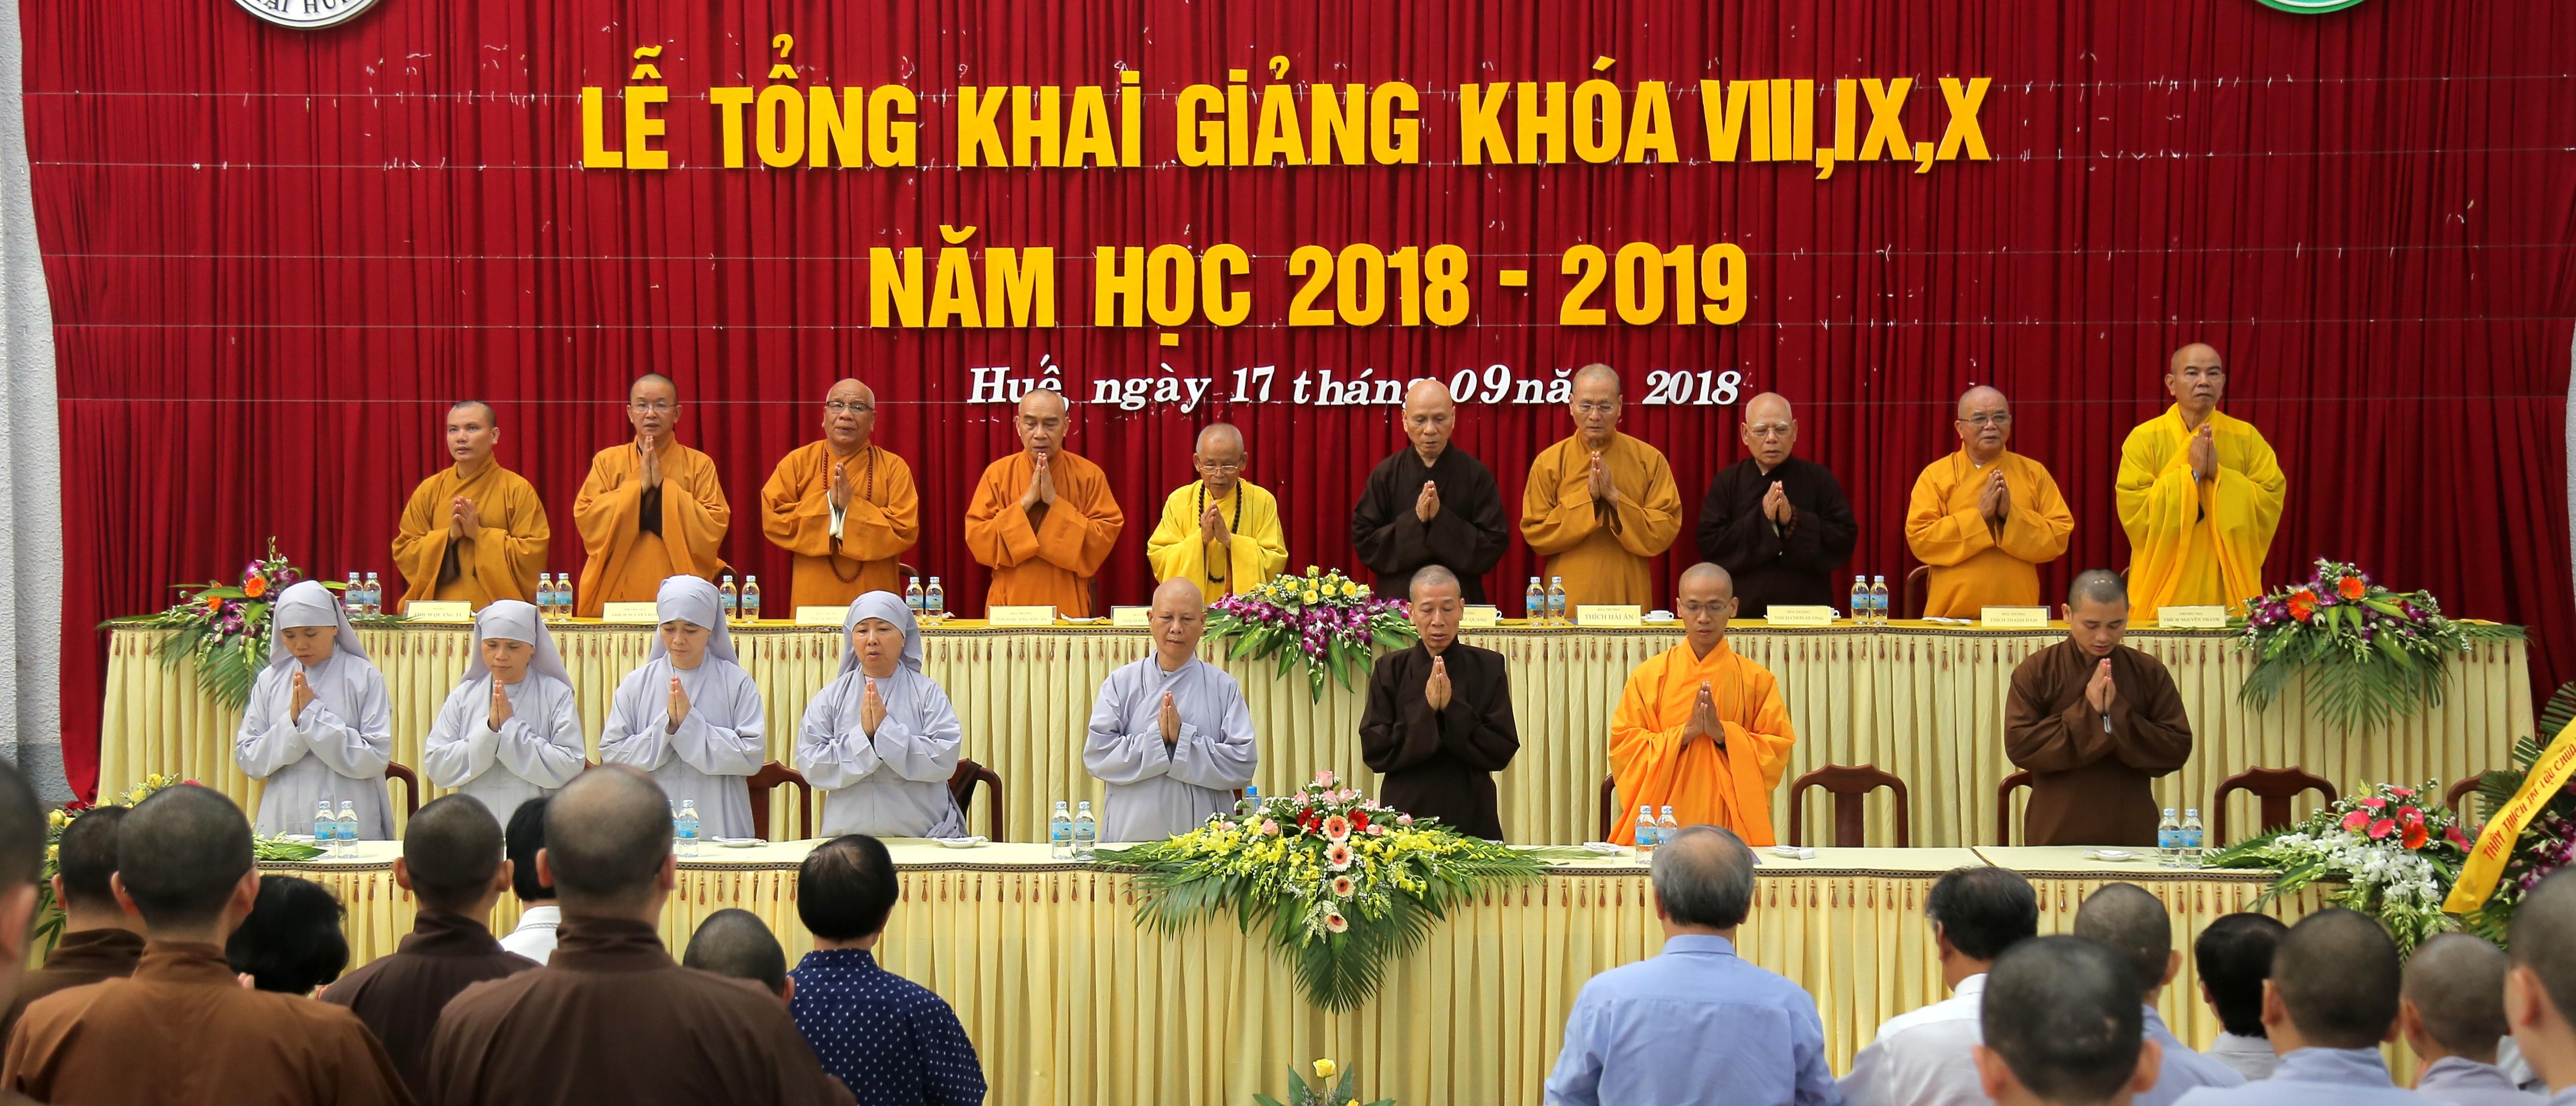 Học viện Phật giáo Việt Nam tại Huế tổ chức khai giảng khóa VIII,IX,X